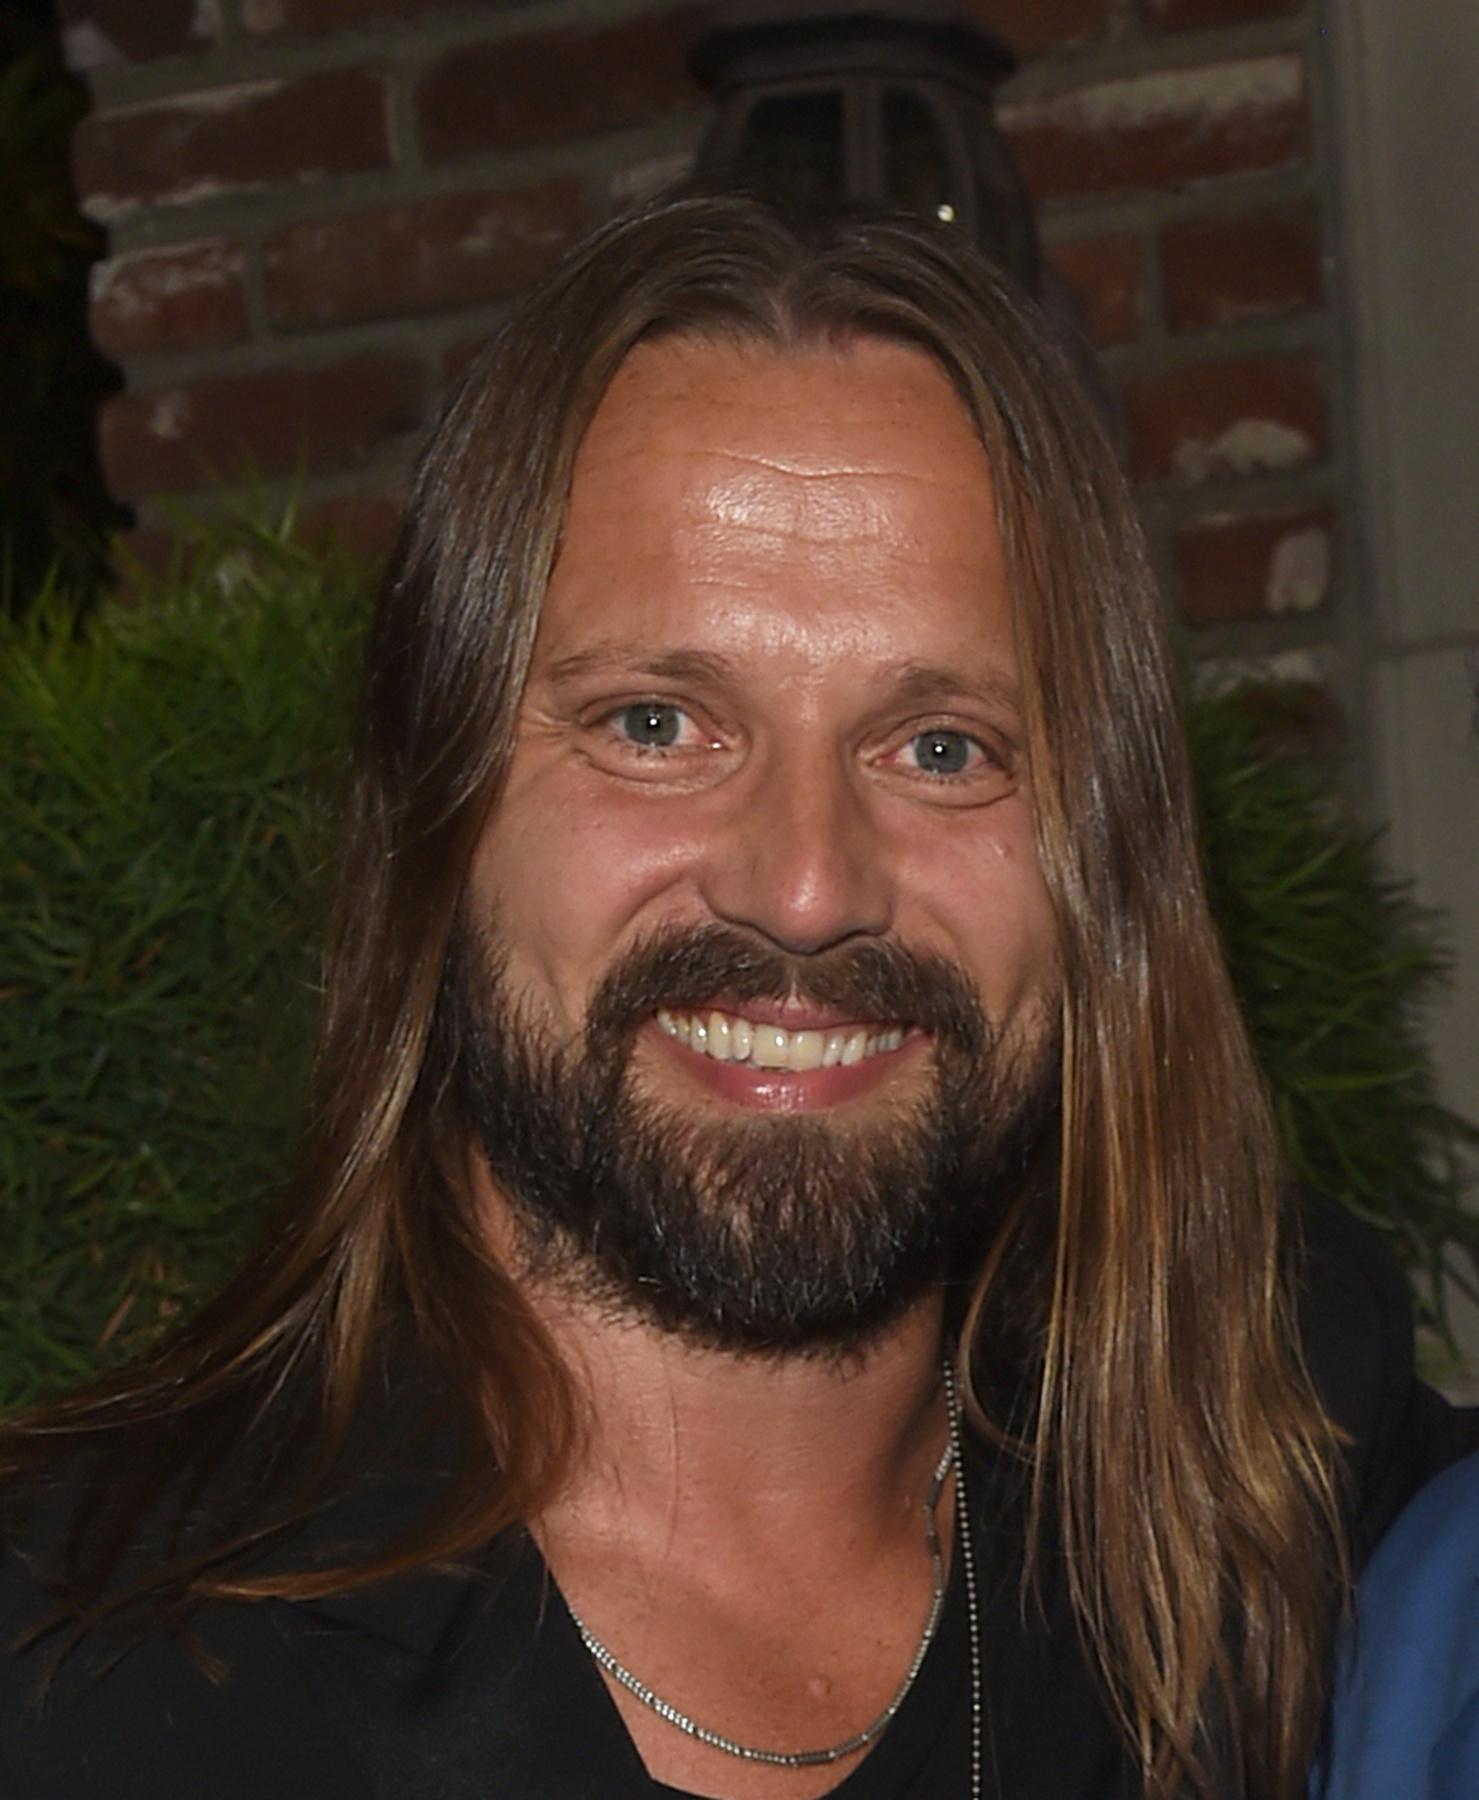 Ezzel a szintén 2017-es fotóval zárul ez a lapozgató, a végére elég szépen visszanőtt Martinnak a metálosan hosszú haja, nem?